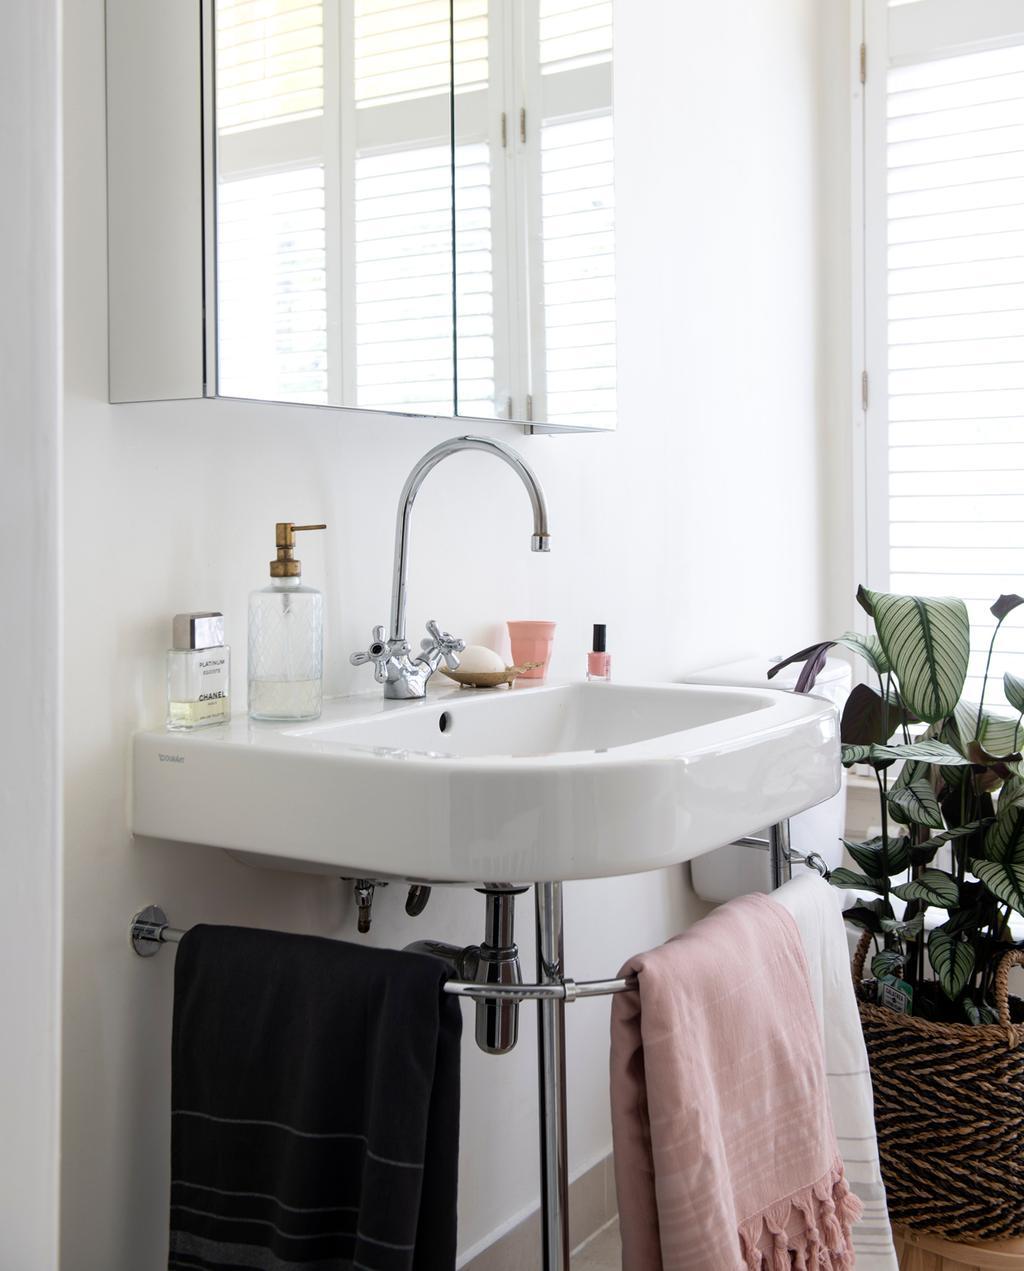 vtwonen 1-2020 | Binnenkijken in een benedenwoning in Amsterdam badkamer